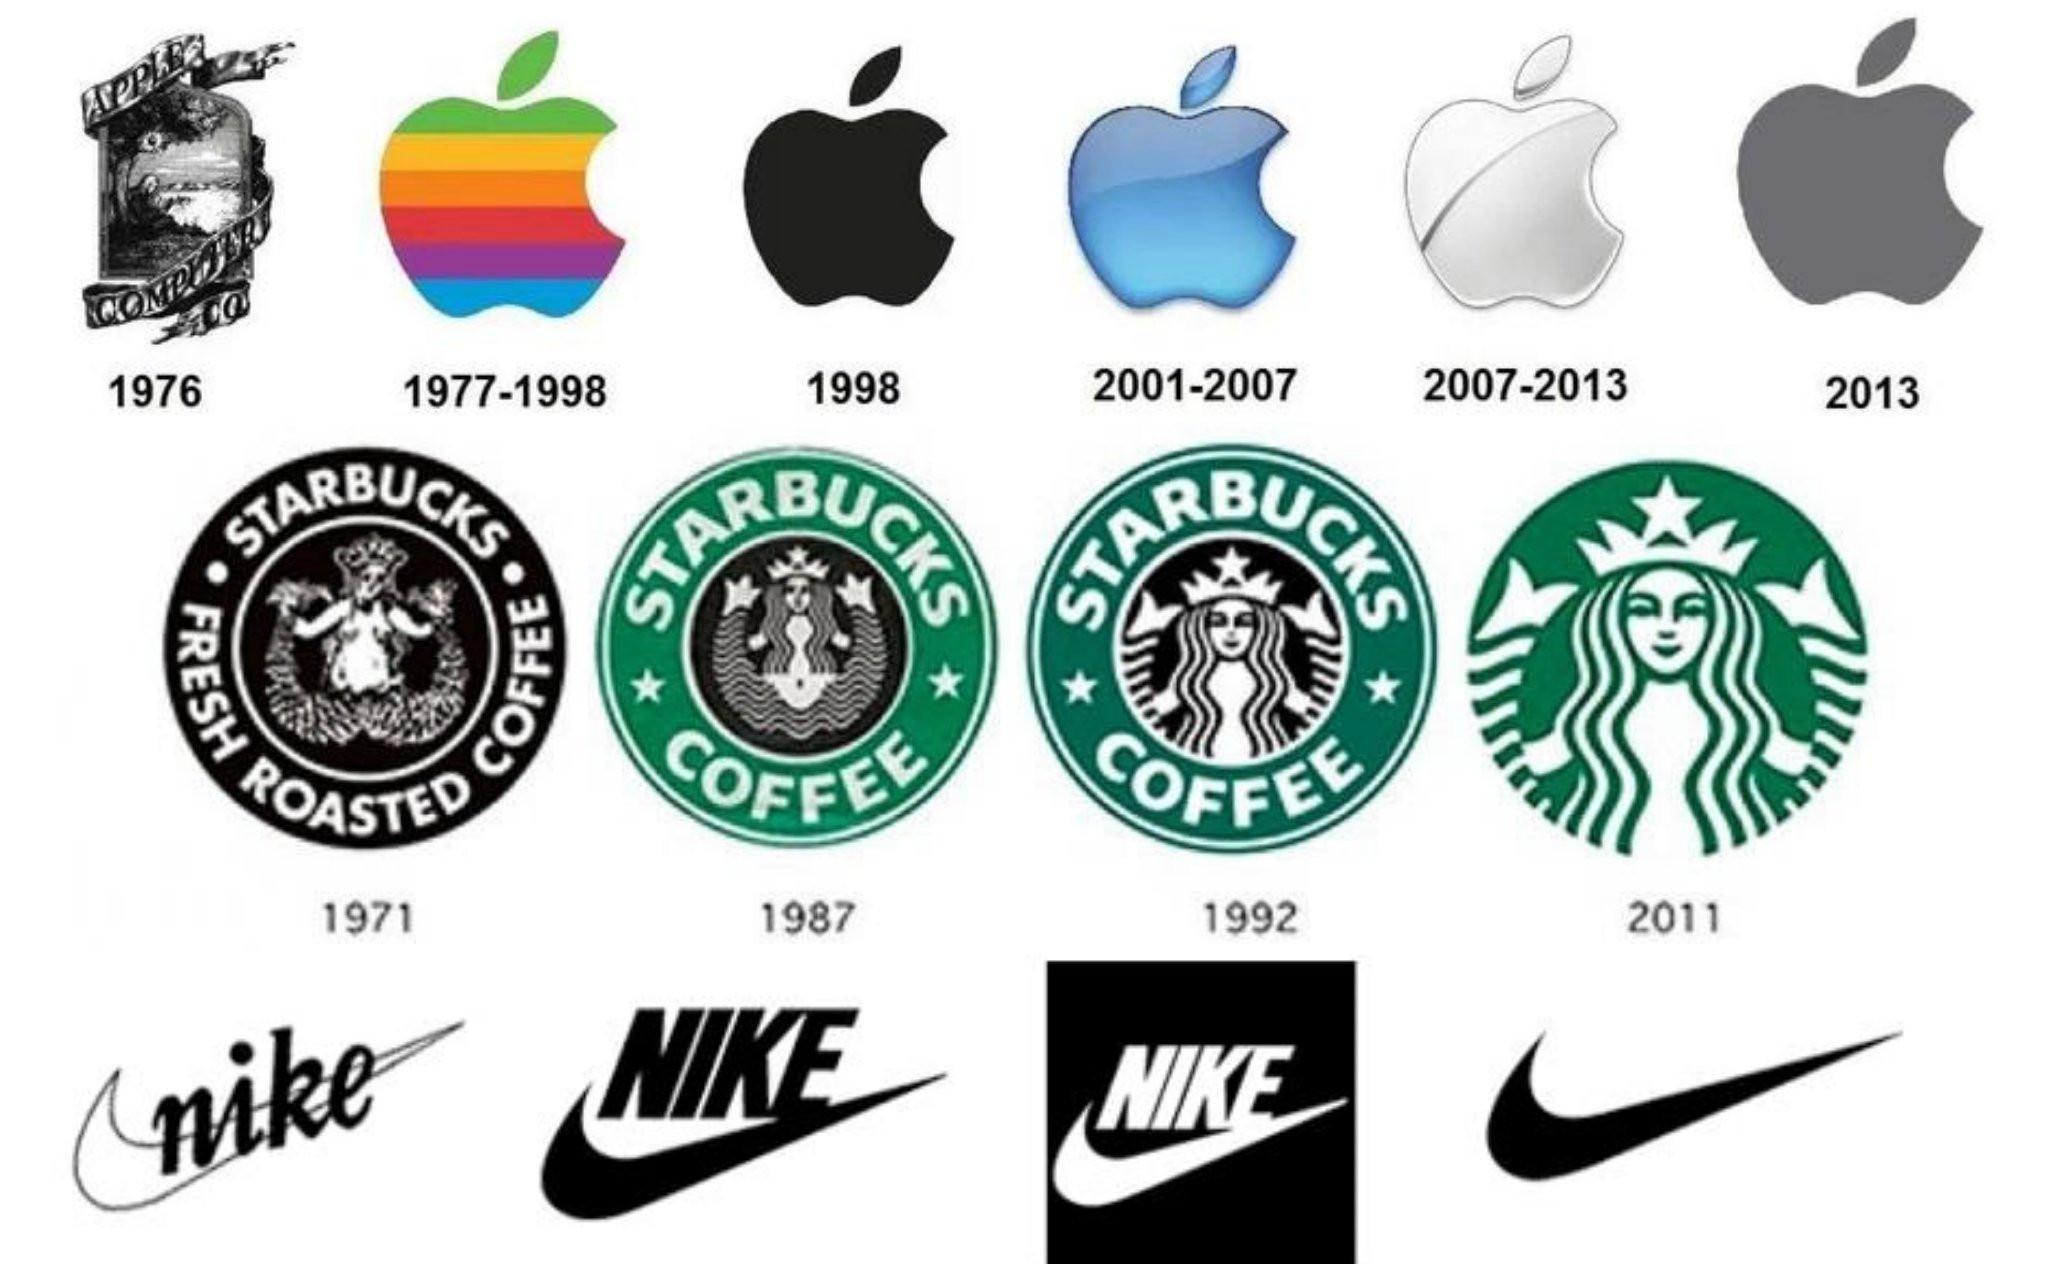 Thiết kế logo cần thể hiện được tính đặc trưng riêng của doanh nghiệp